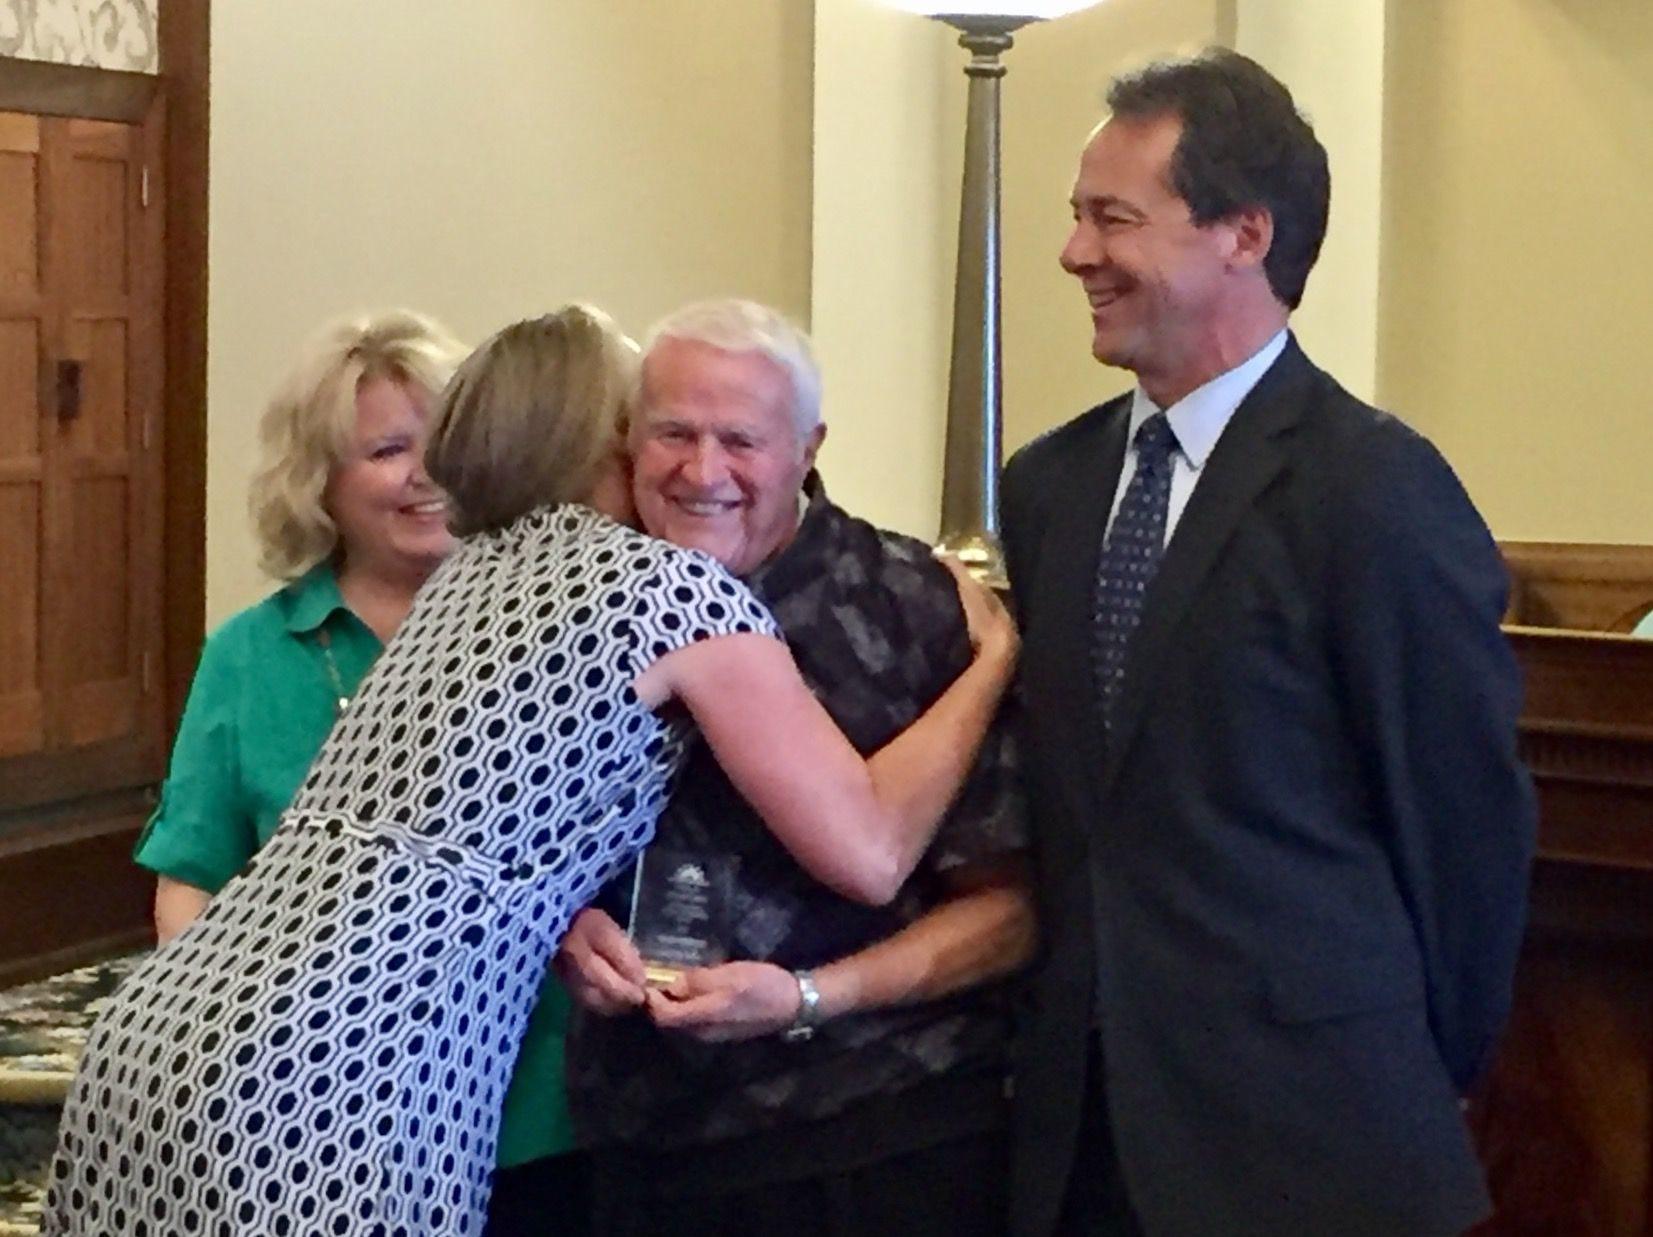 Tribune photo/Phil Drake First Lady Lisa Bullock hugs Harold Spilde on Friday as Gov. Steve Bullock looks on. First lady Lisa Bullock hugs Harold Spilde on Friday as Gov. Steve Bullock looks on.